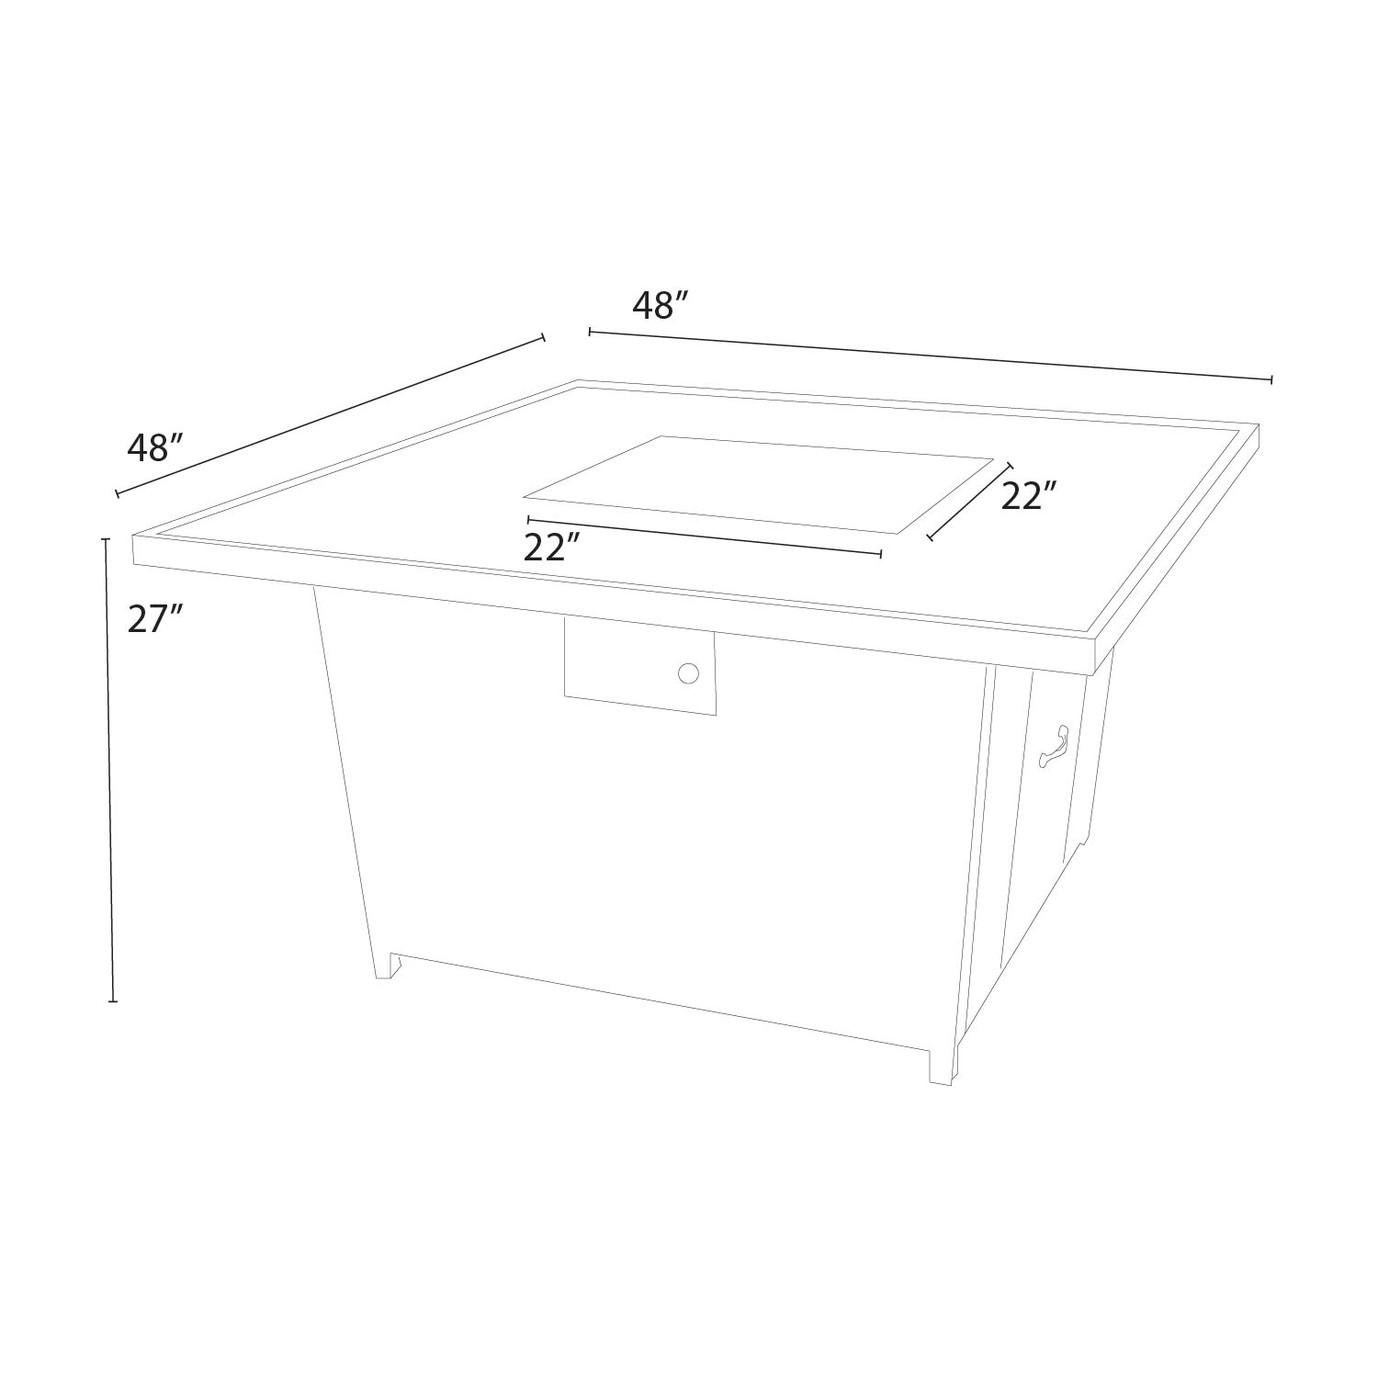 Portofino™ Comfort Stone Top Fire Table - Grey